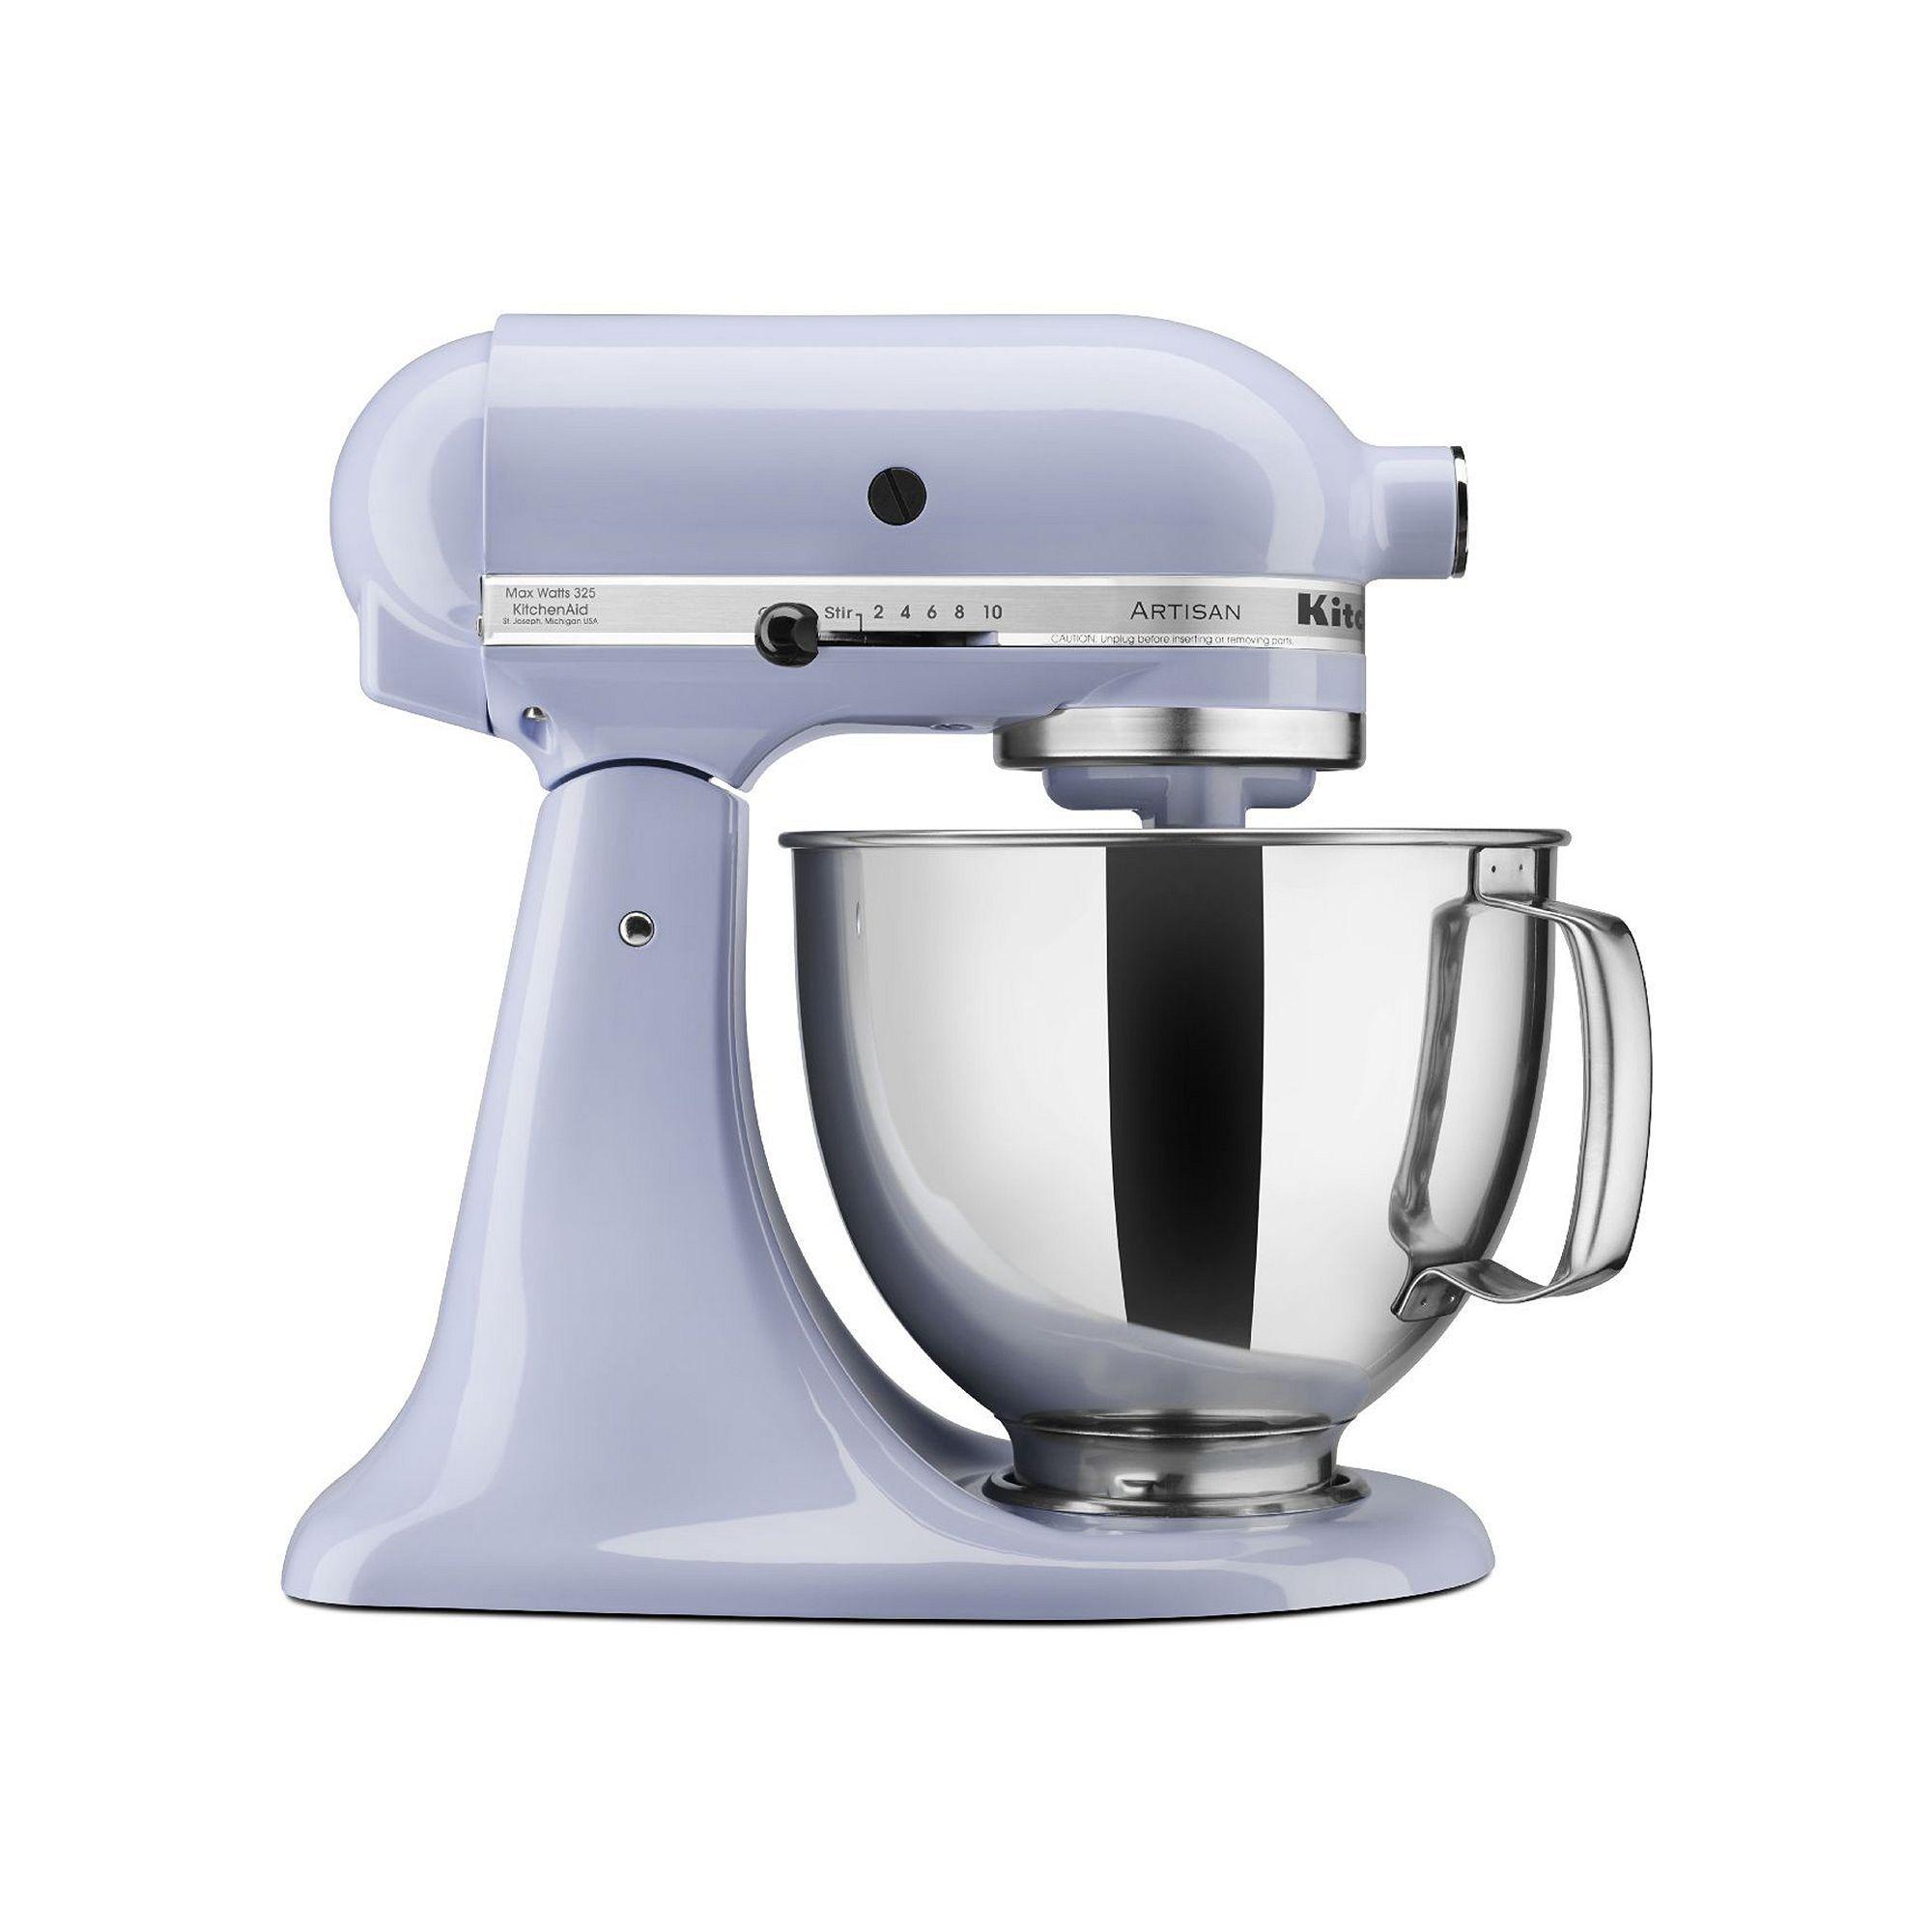 Kitchenaid ksm150ps artisan 5qt stand mixer kitchen